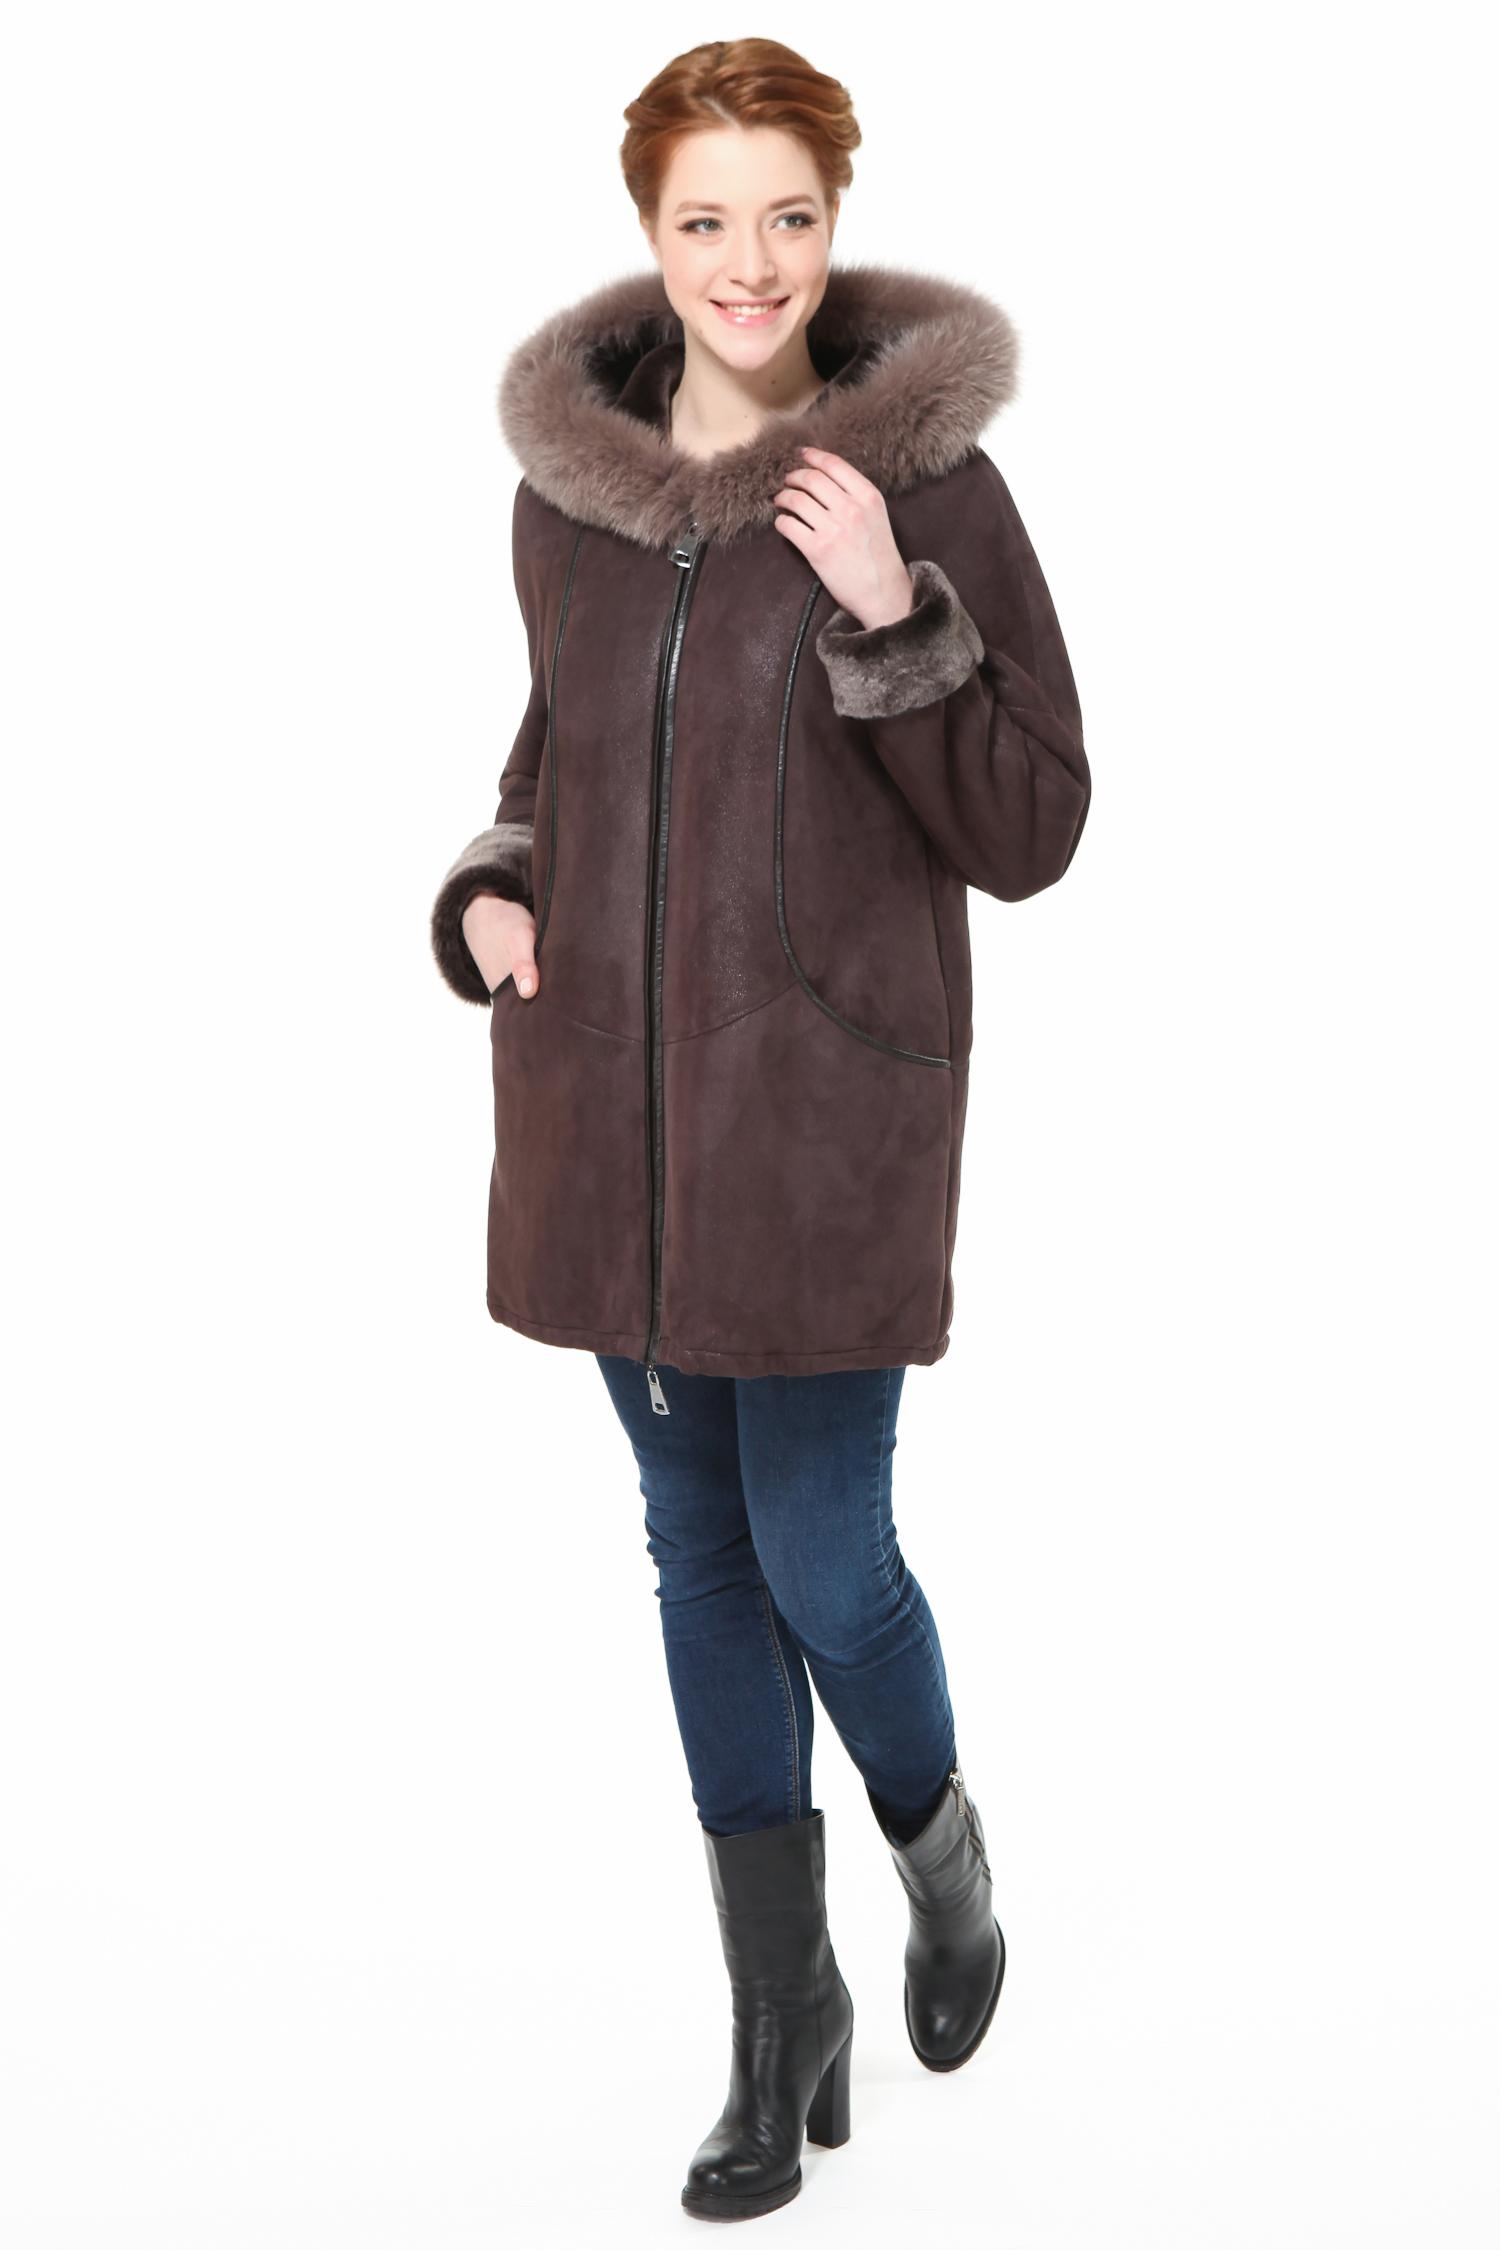 Дубленка женская из натуральной овчины с капюшоном, отделка песец от Московская Меховая Компания